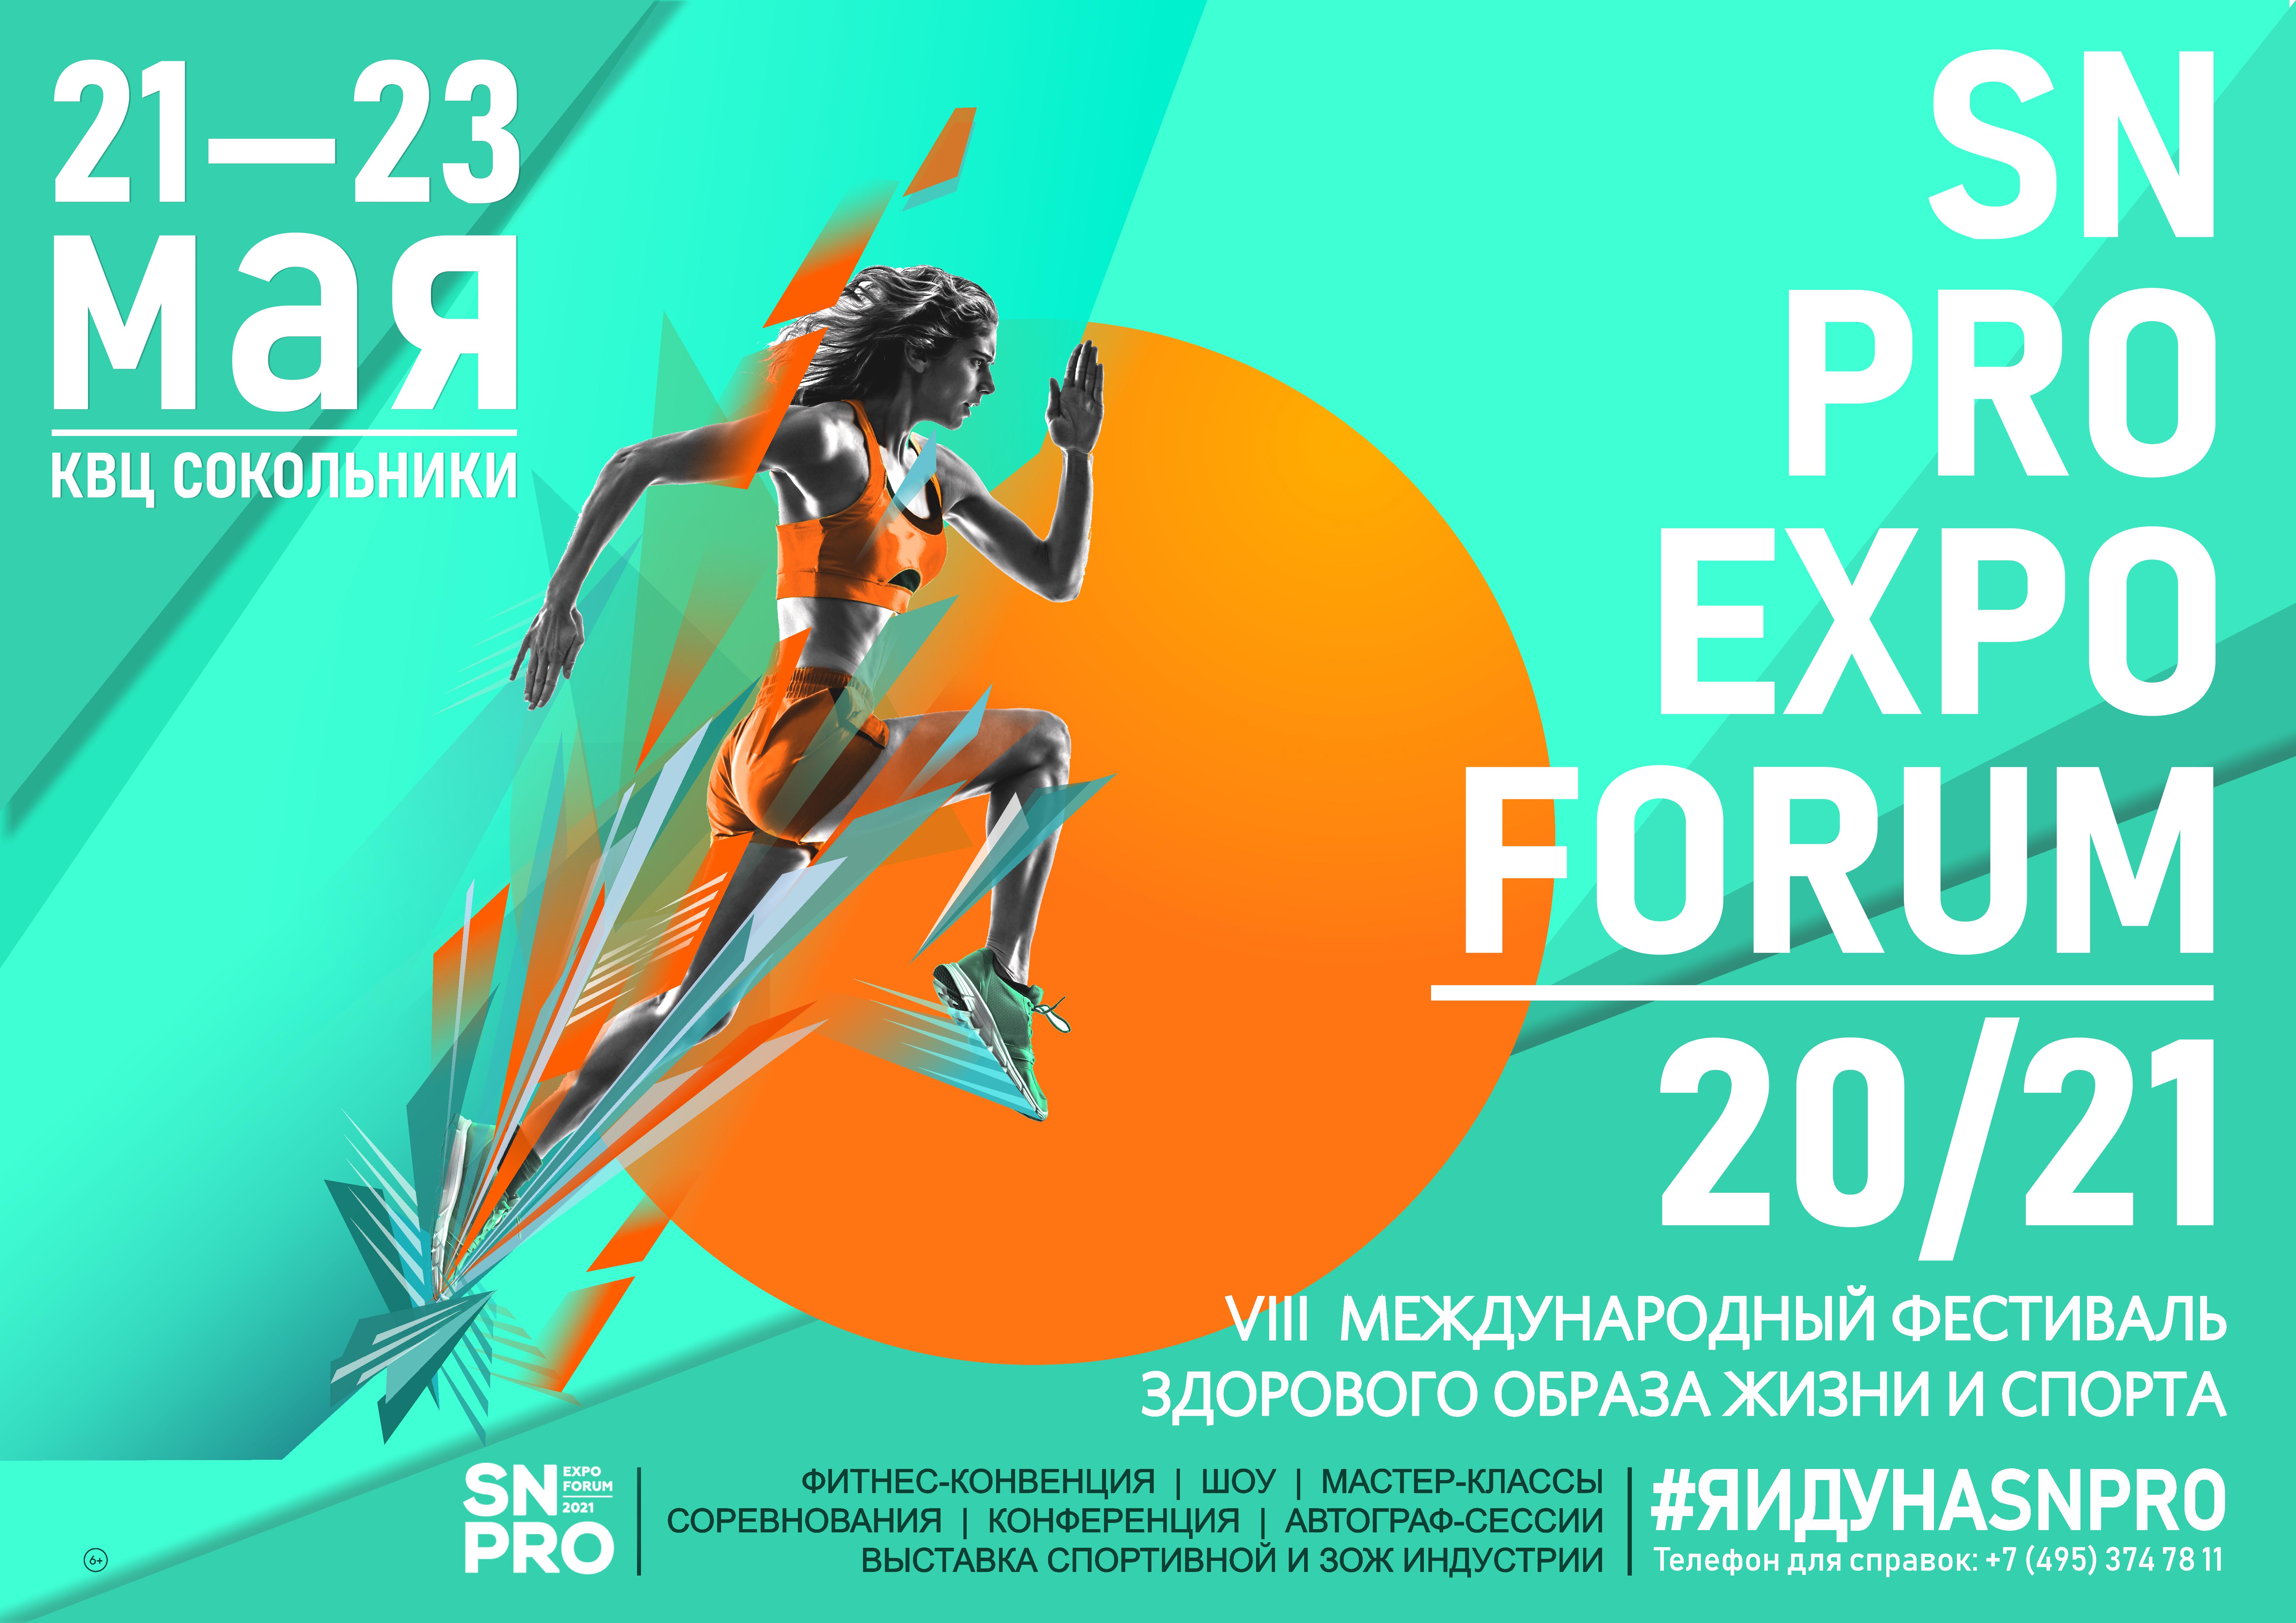 Фестиваль SN PRO EXPO FORUM